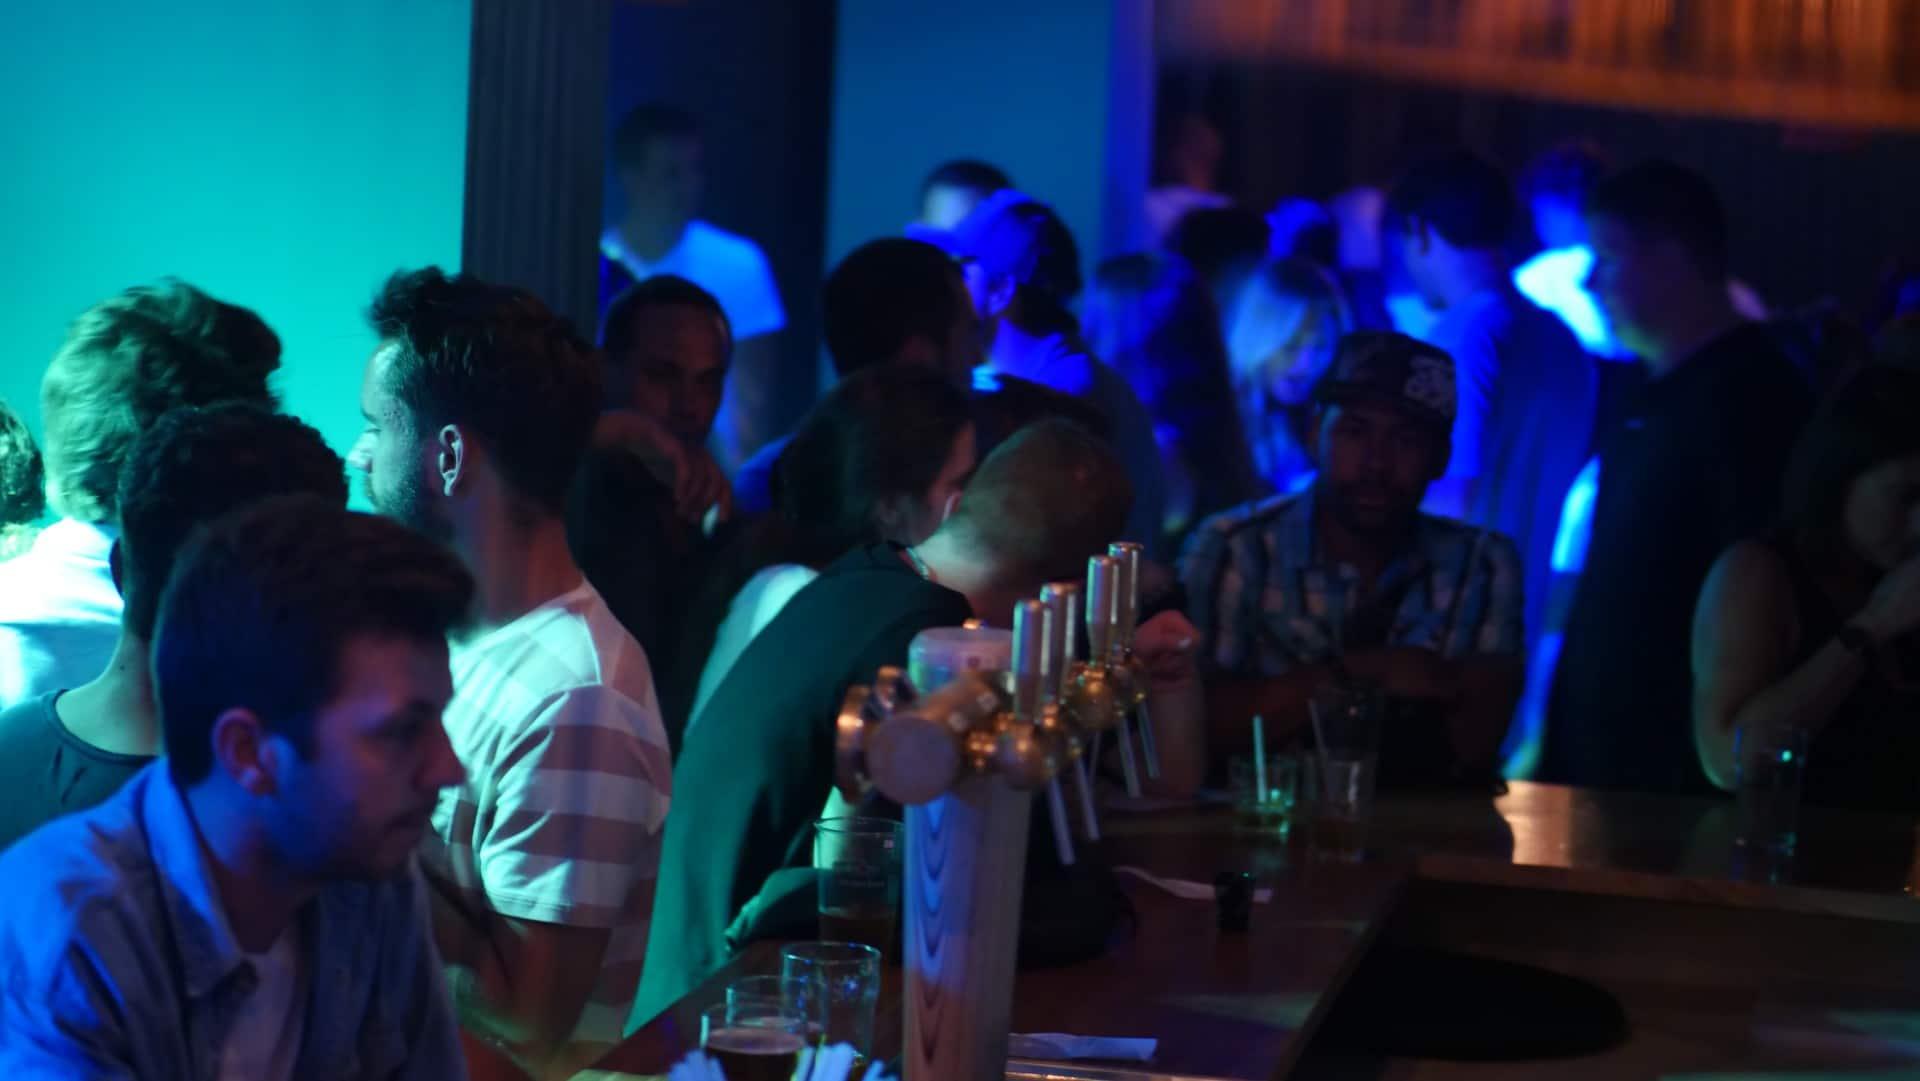 Bar Crawl Kansas City